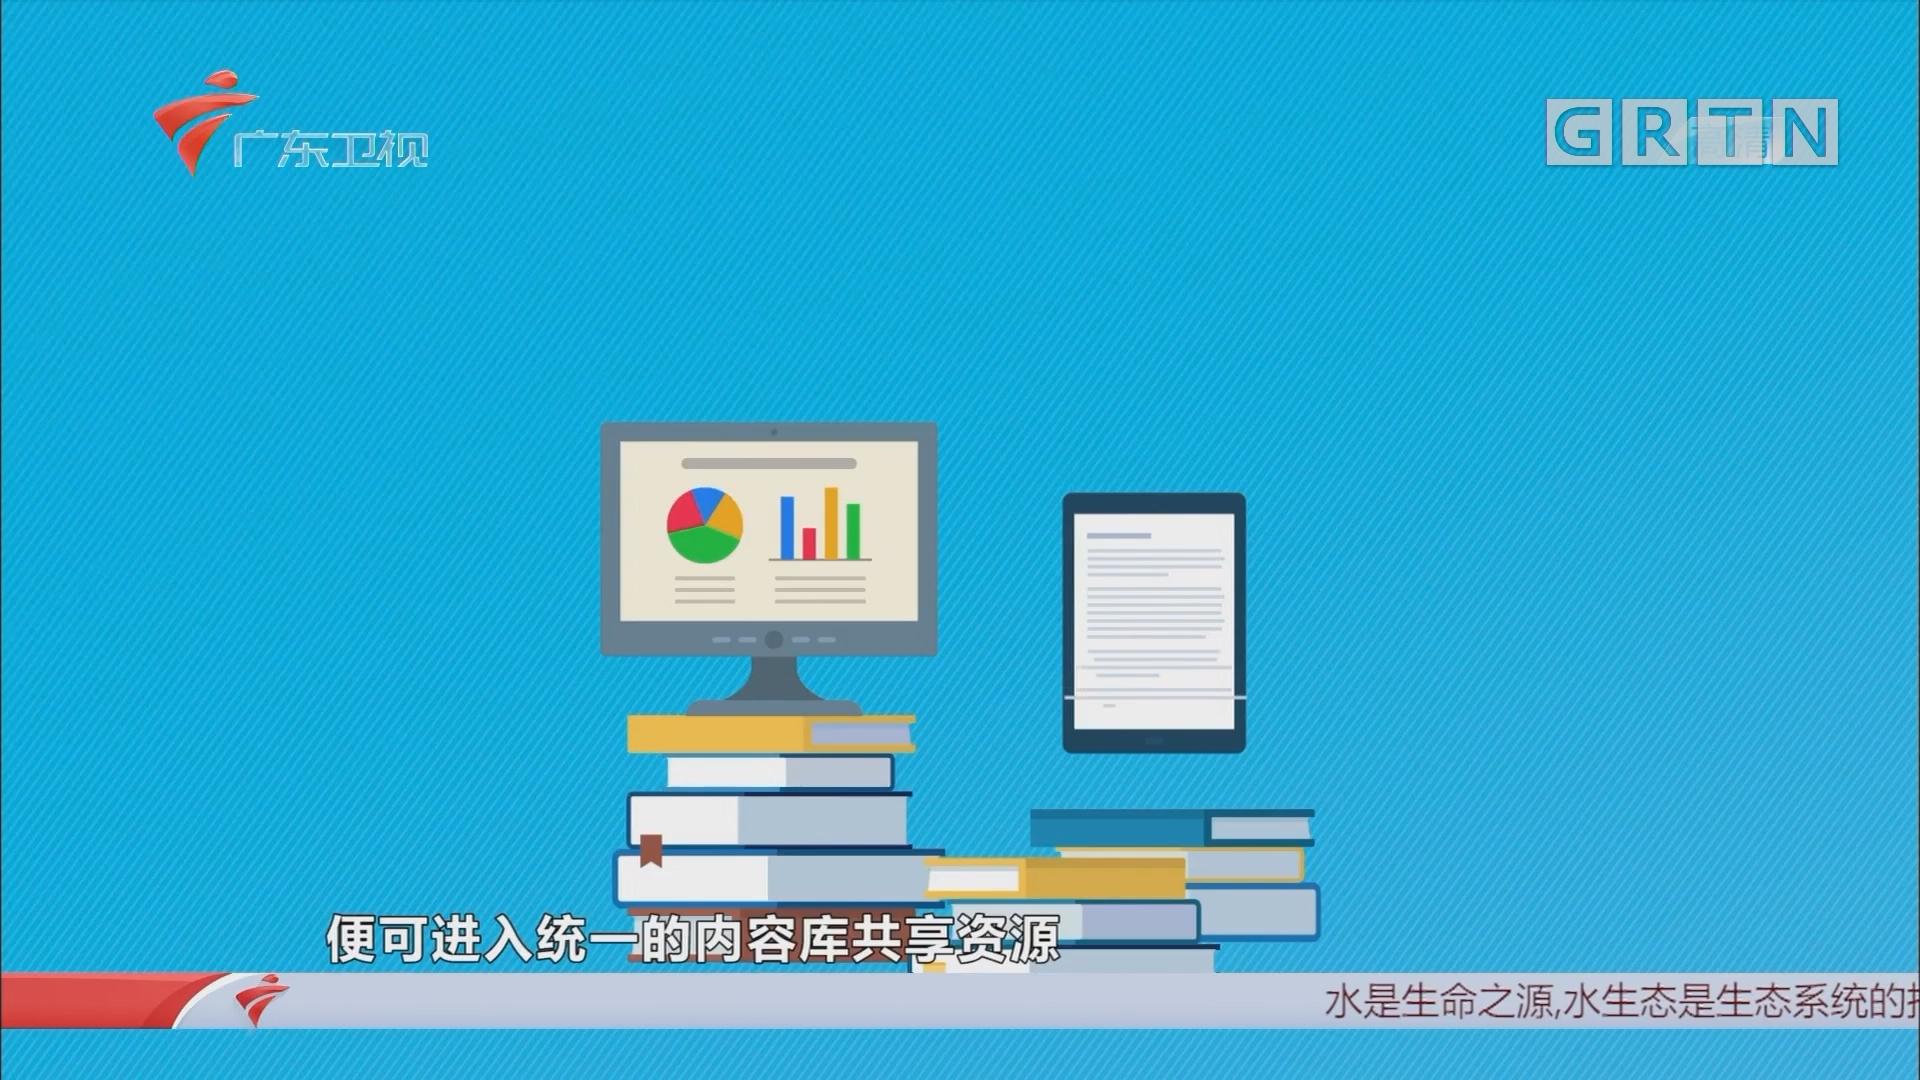 广州:湾区科技助力融媒体建设